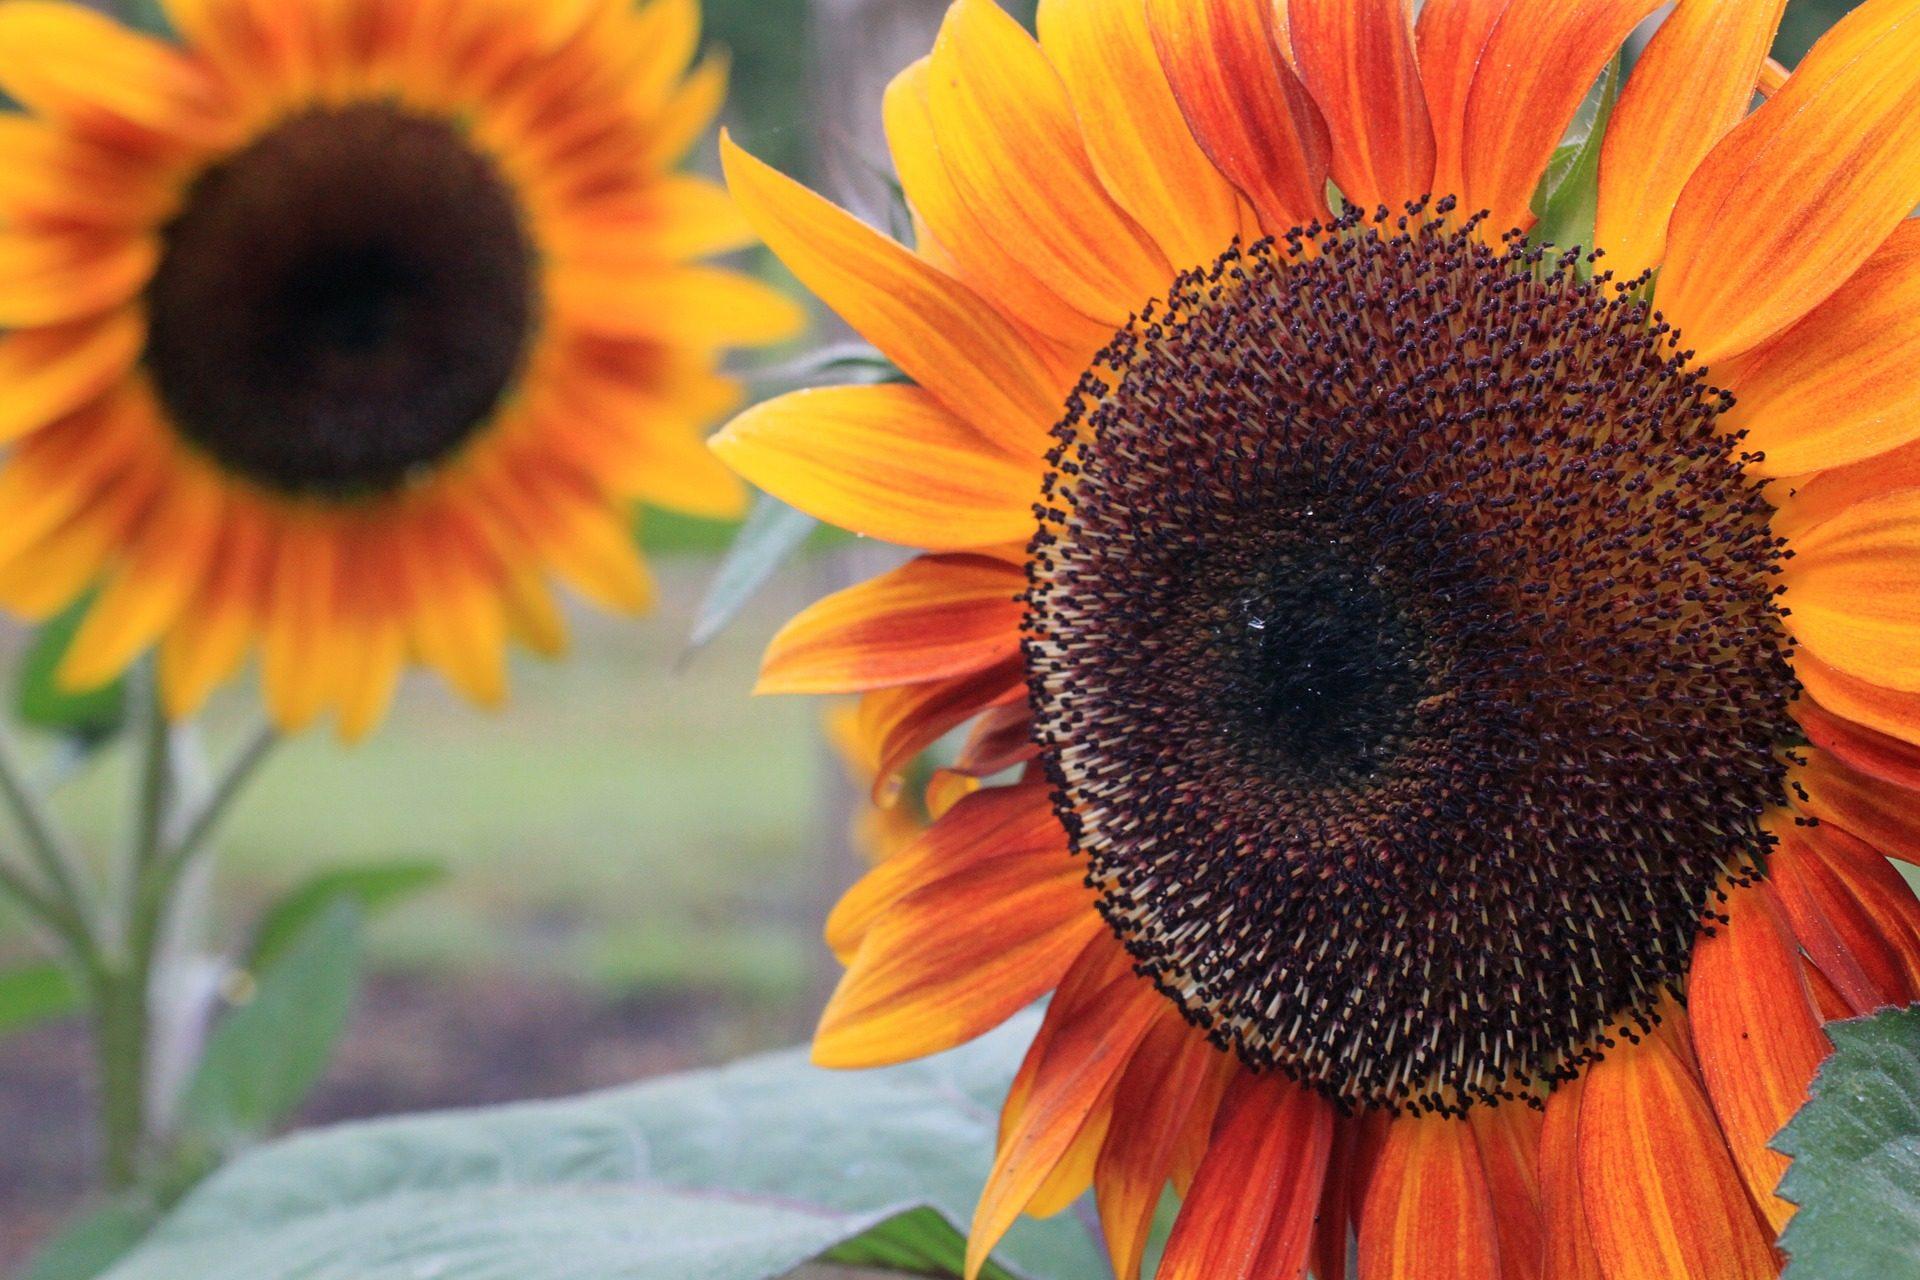 ひまわり, 植物, 花びら, カラフルです, フィールド, プランテーション - HD の壁紙 - 教授-falken.com